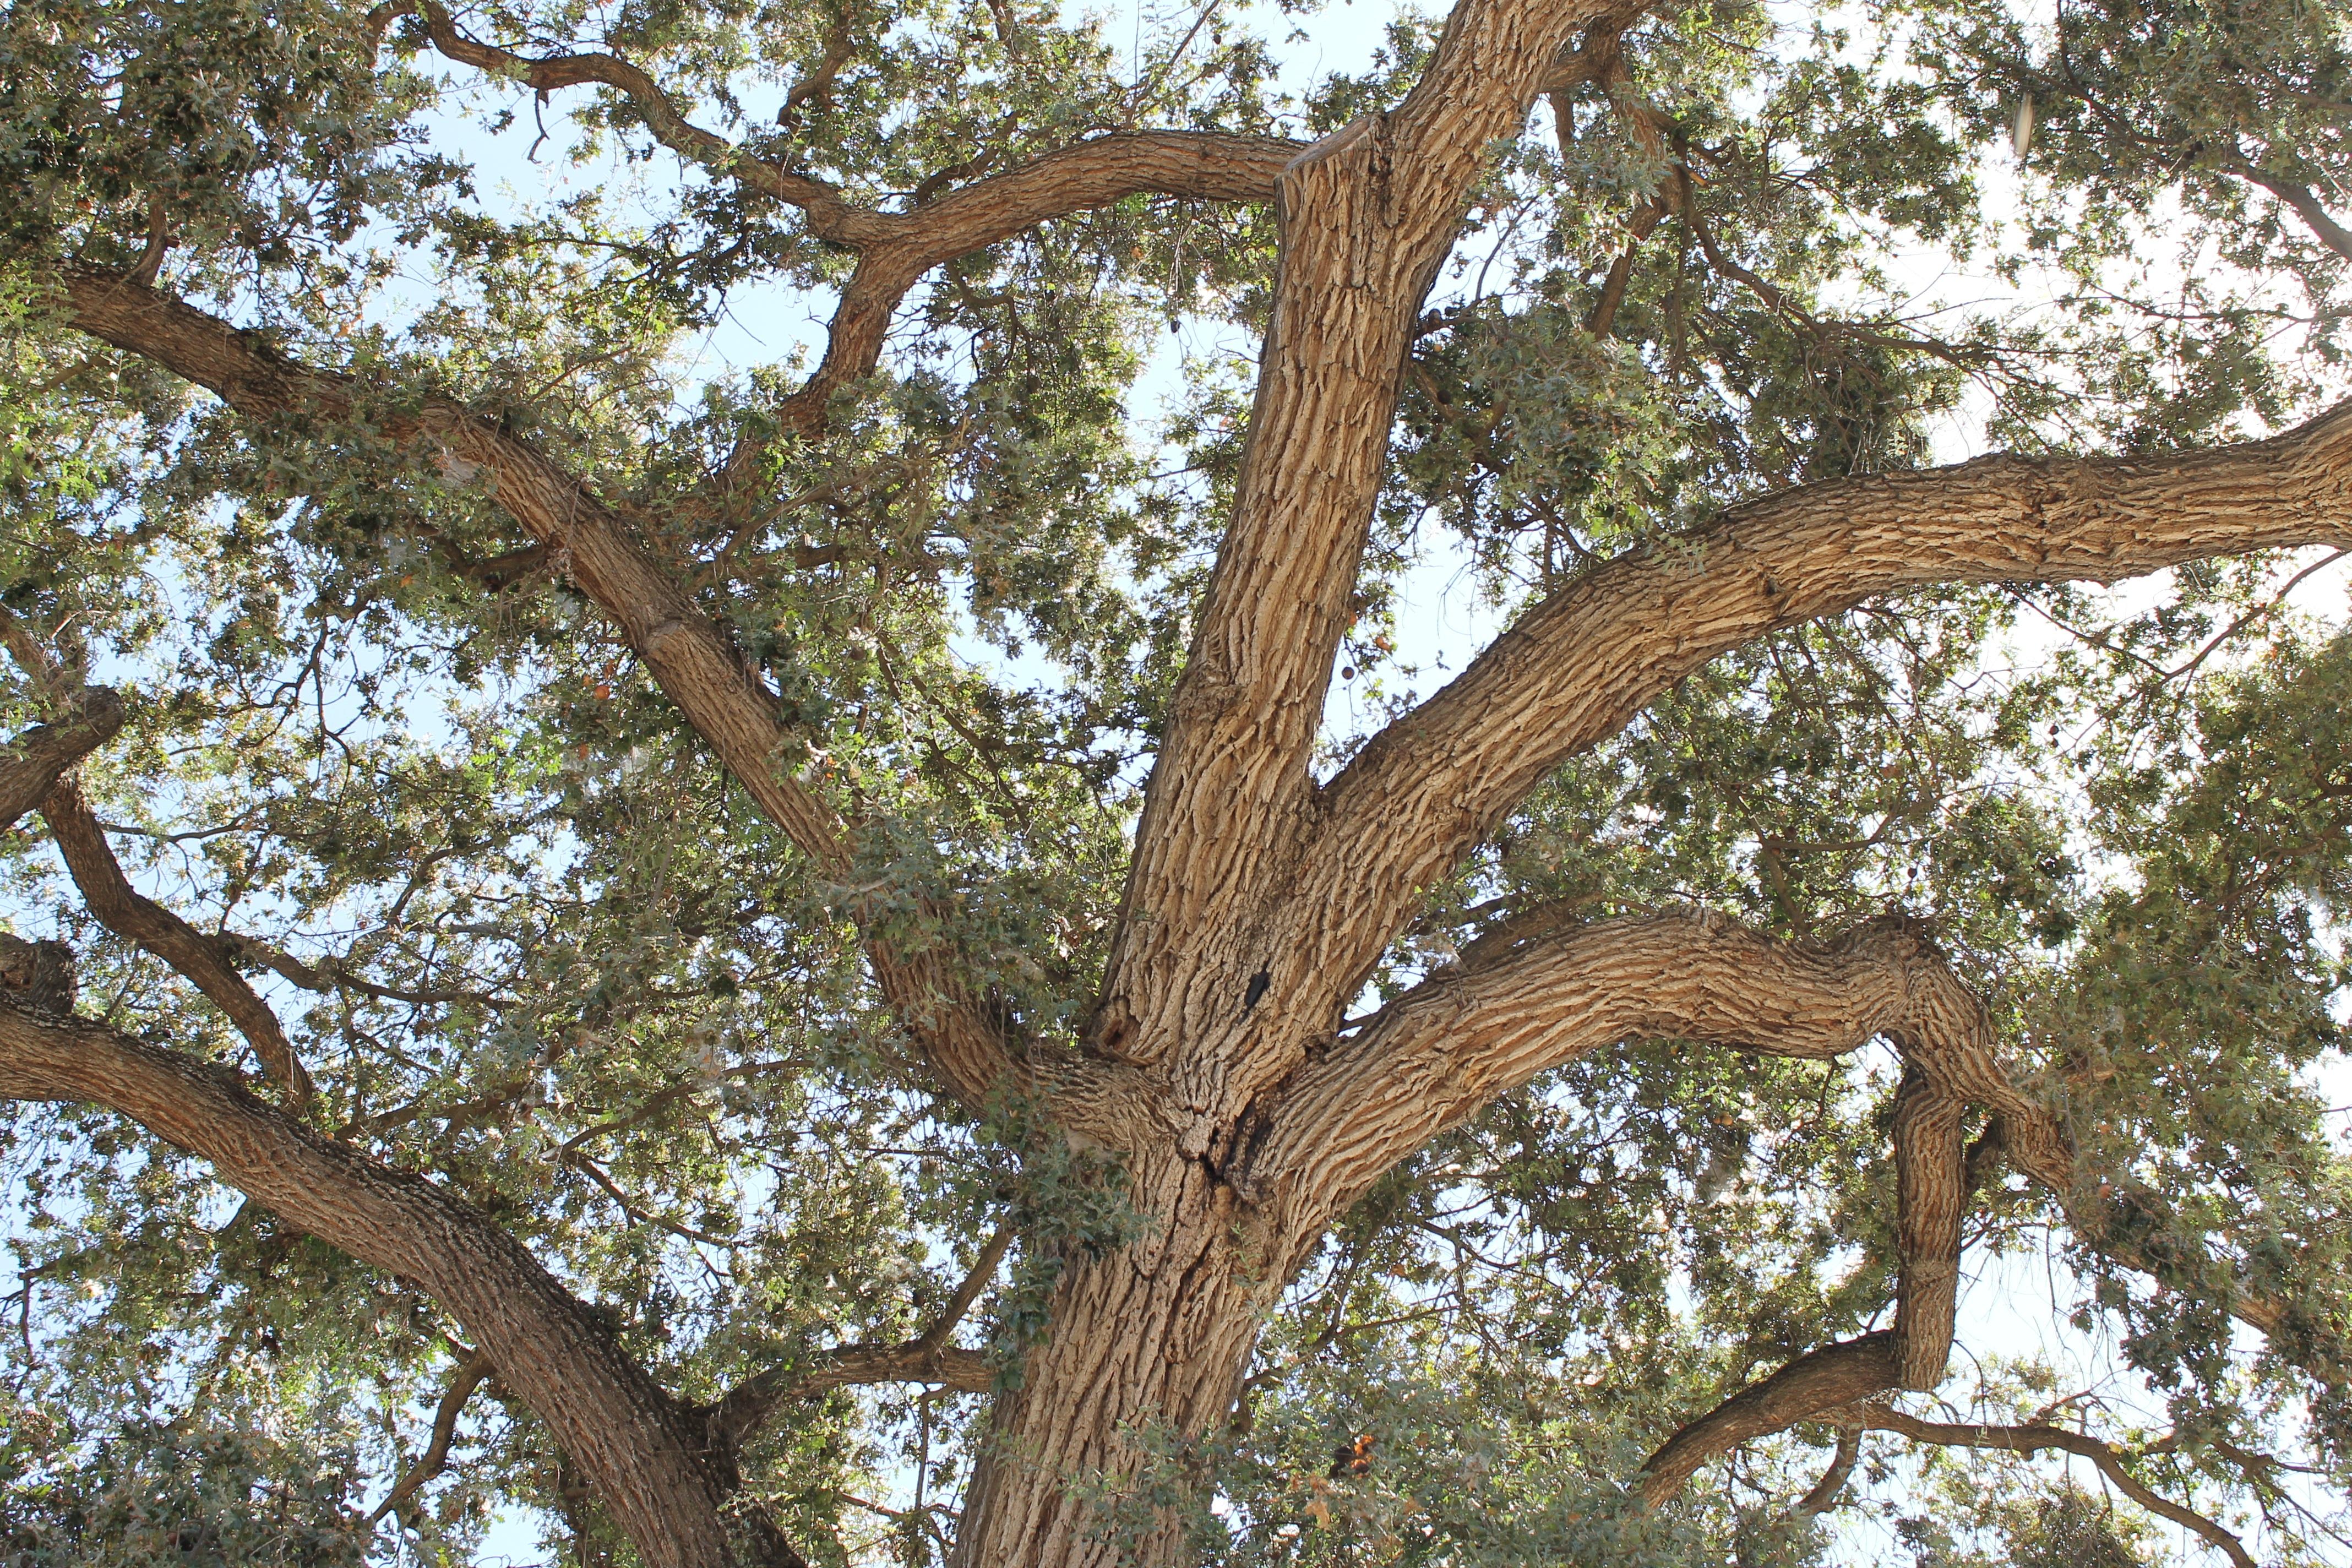 Oak Wood Branches ~ 무료 이미지 자연 분기 목재 잎 트렁크 여름 녹색 생기게 하다 정원 이파리 가지